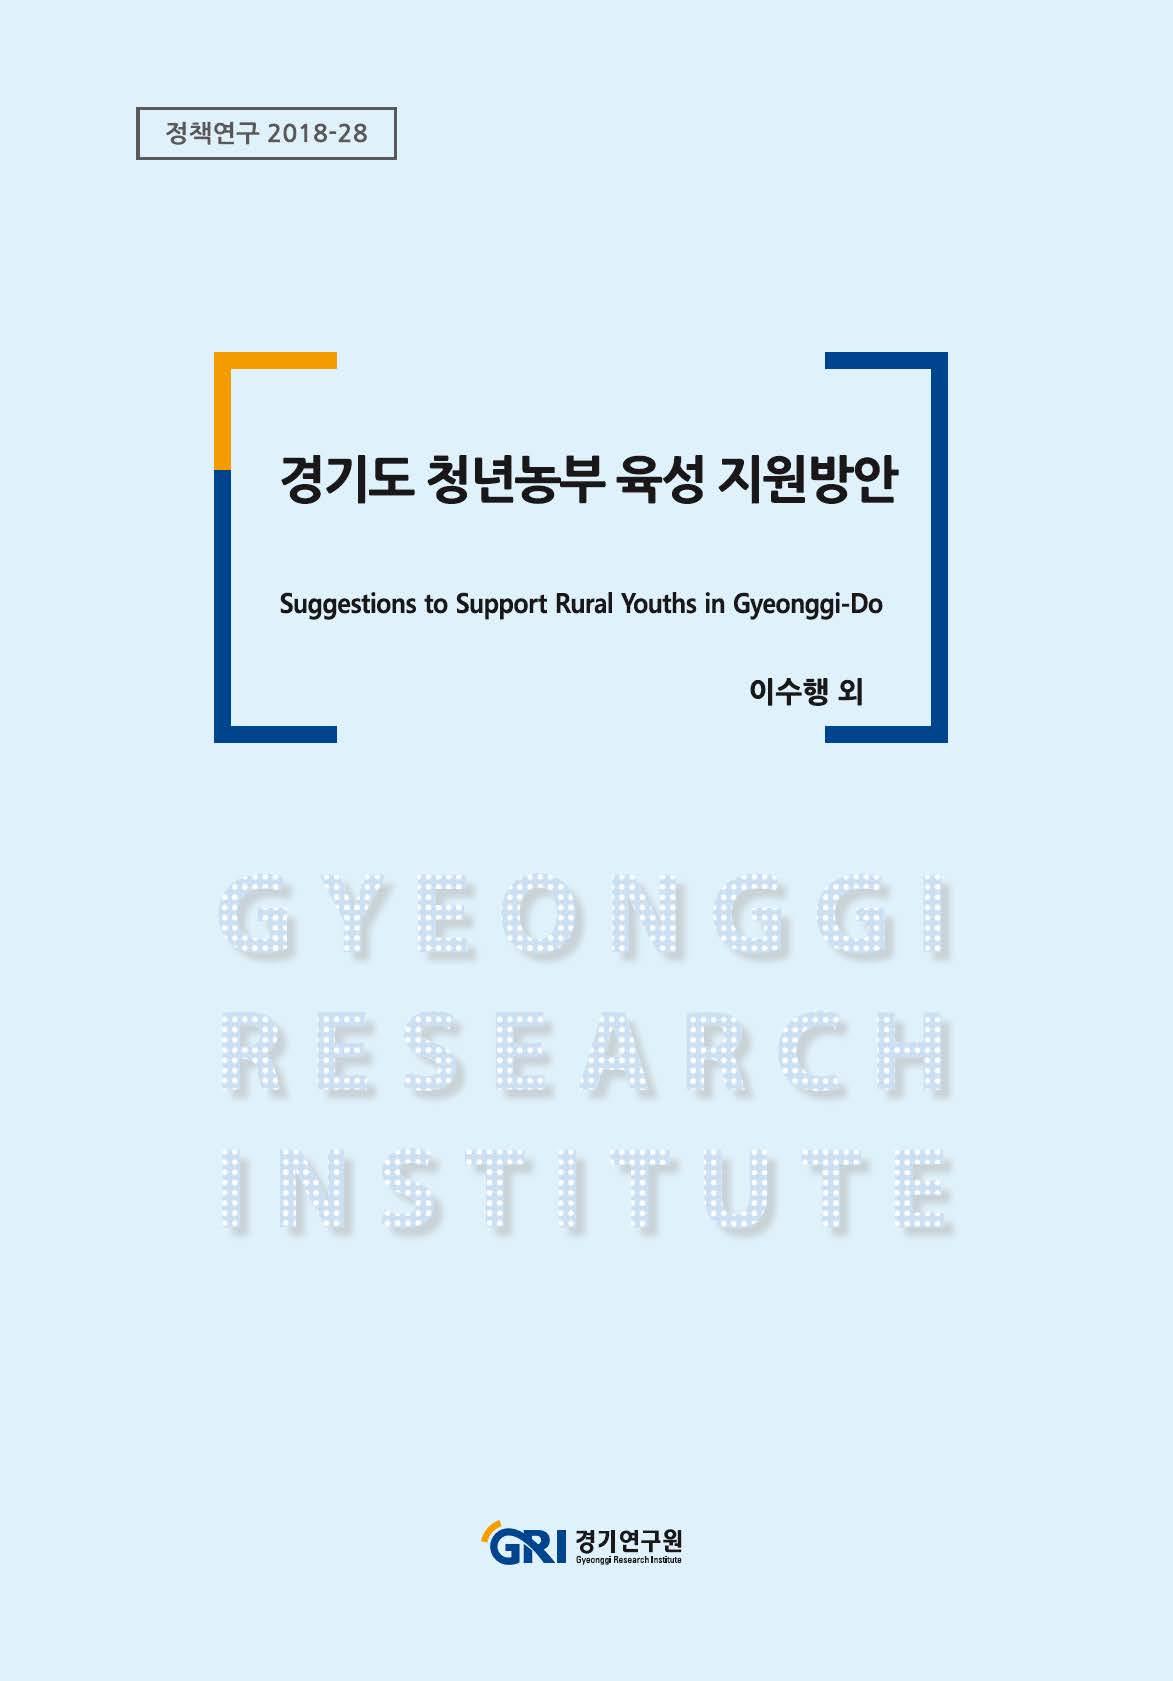 경기도 청년농부 육성 지원방안